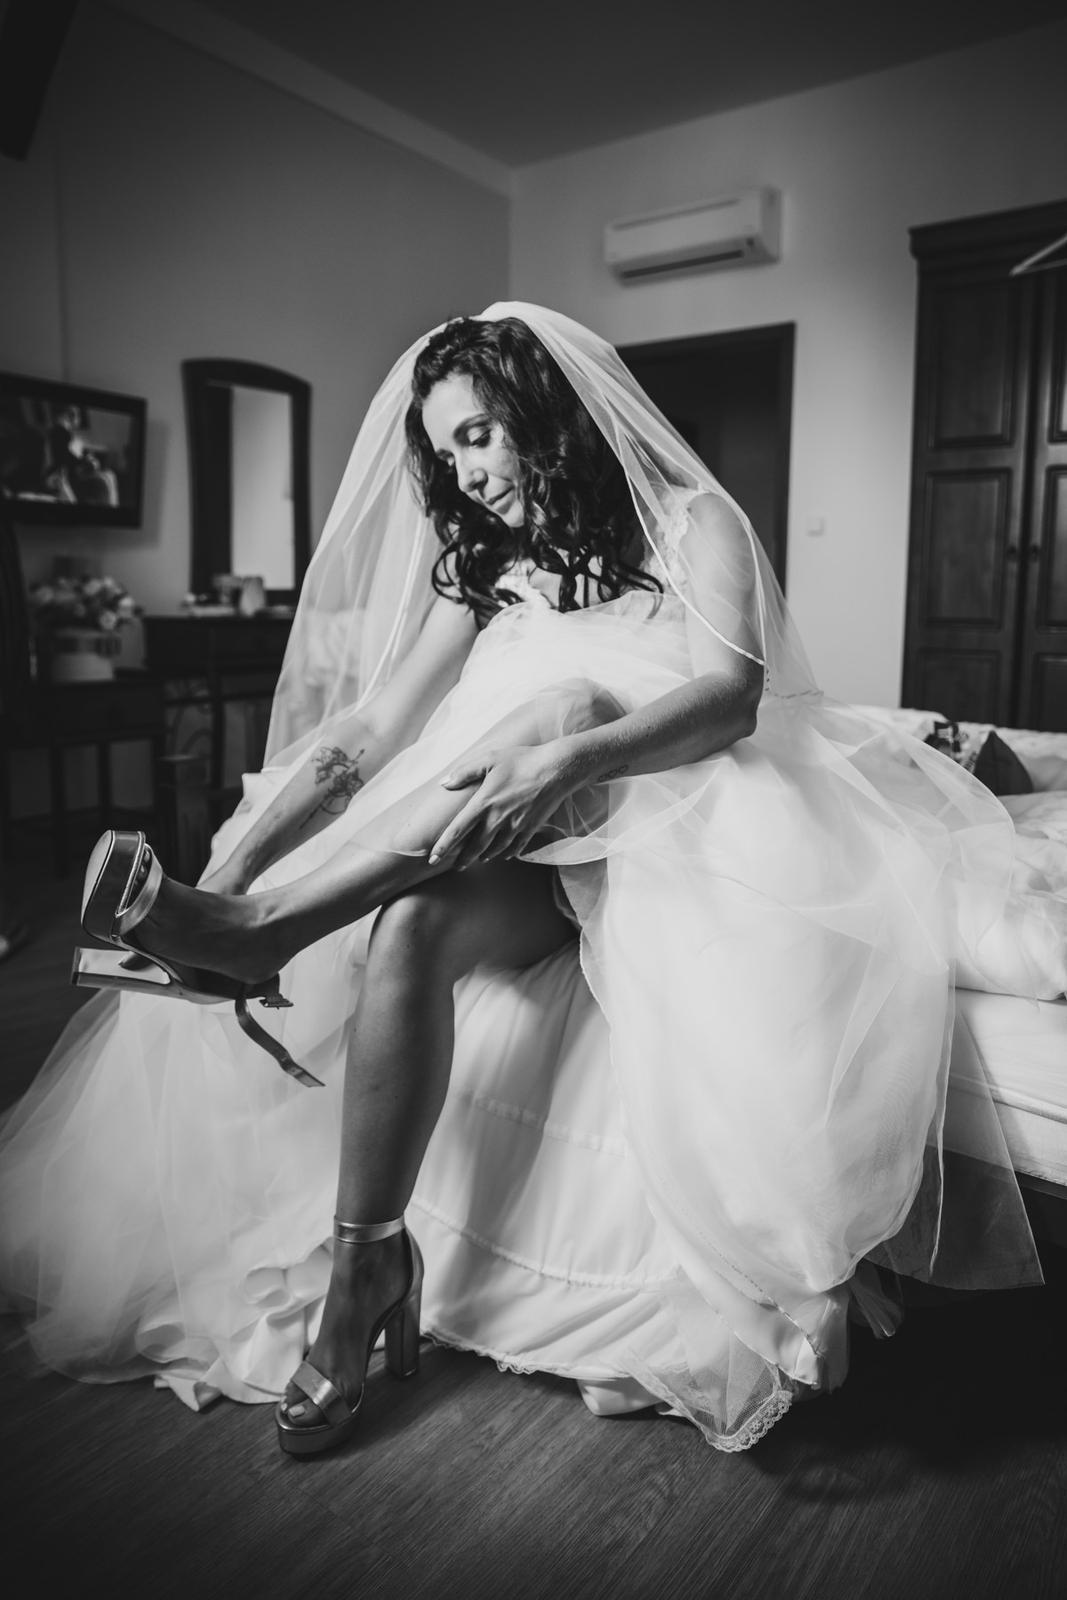 svatebni_foto_pro_vas - ranní přípravy nevěsty